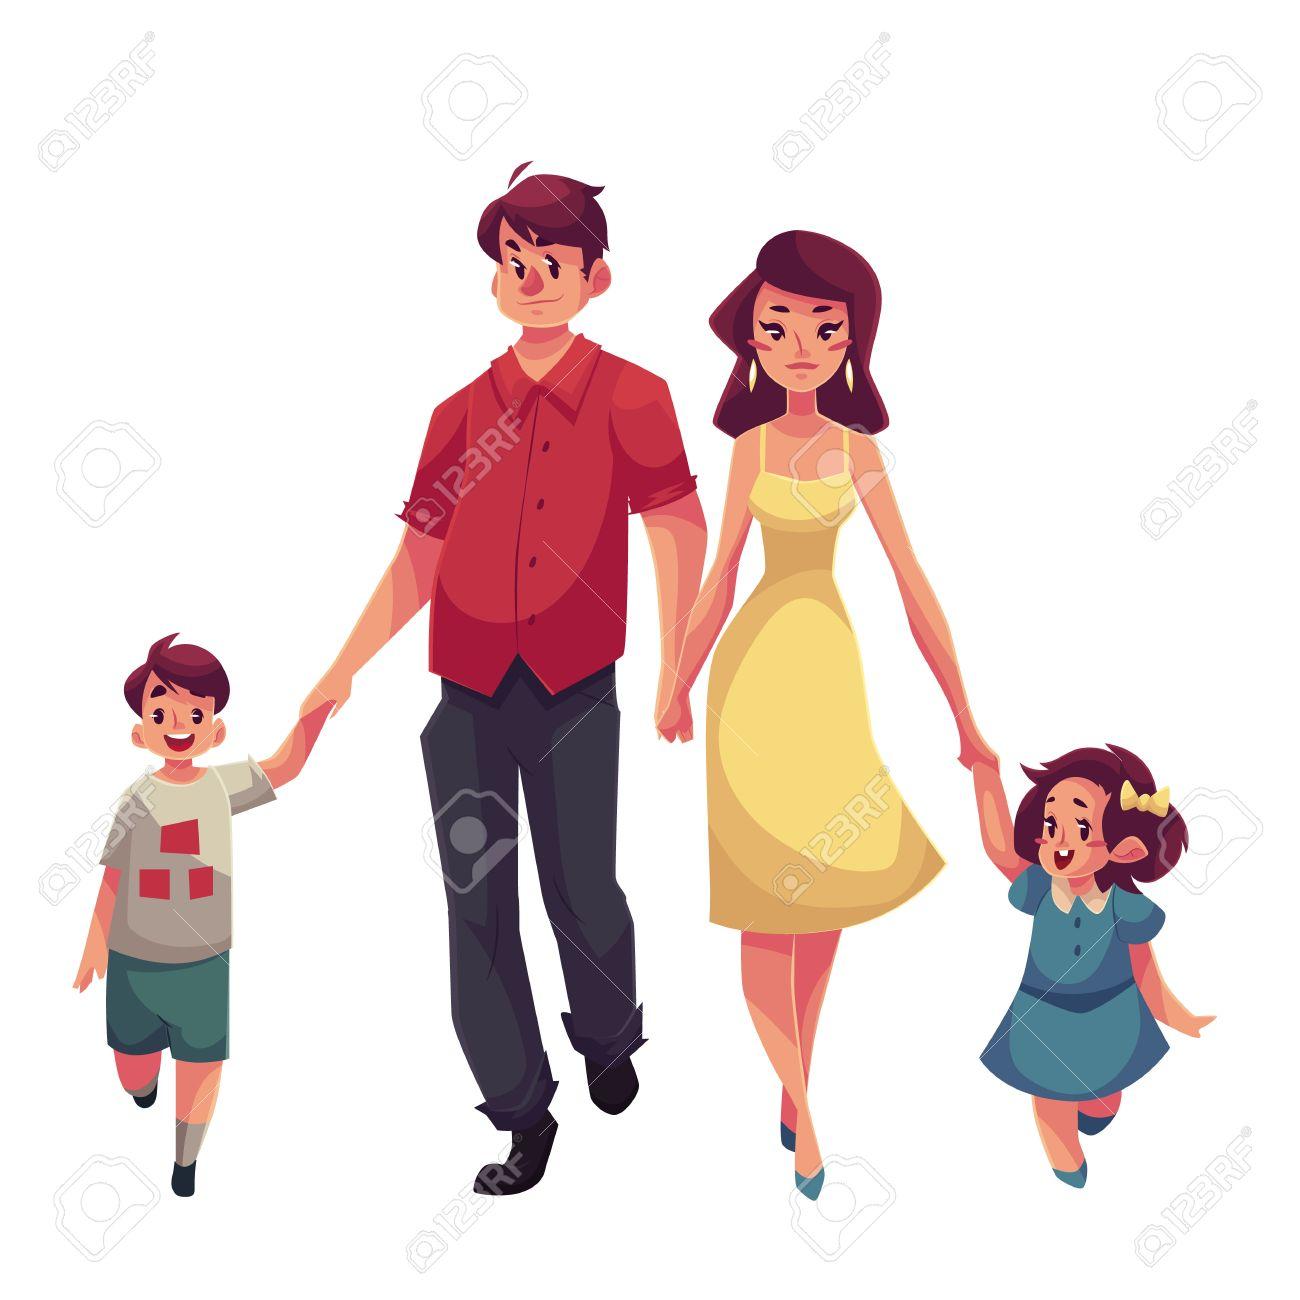 Père Mère Fille Et Fils Vecteur De Dessin Animé Illustrations Isolé Sur Fond Blanc Belle Jeune Wolking Maman Avec Sa Fille Papa Tenant Sa Main De